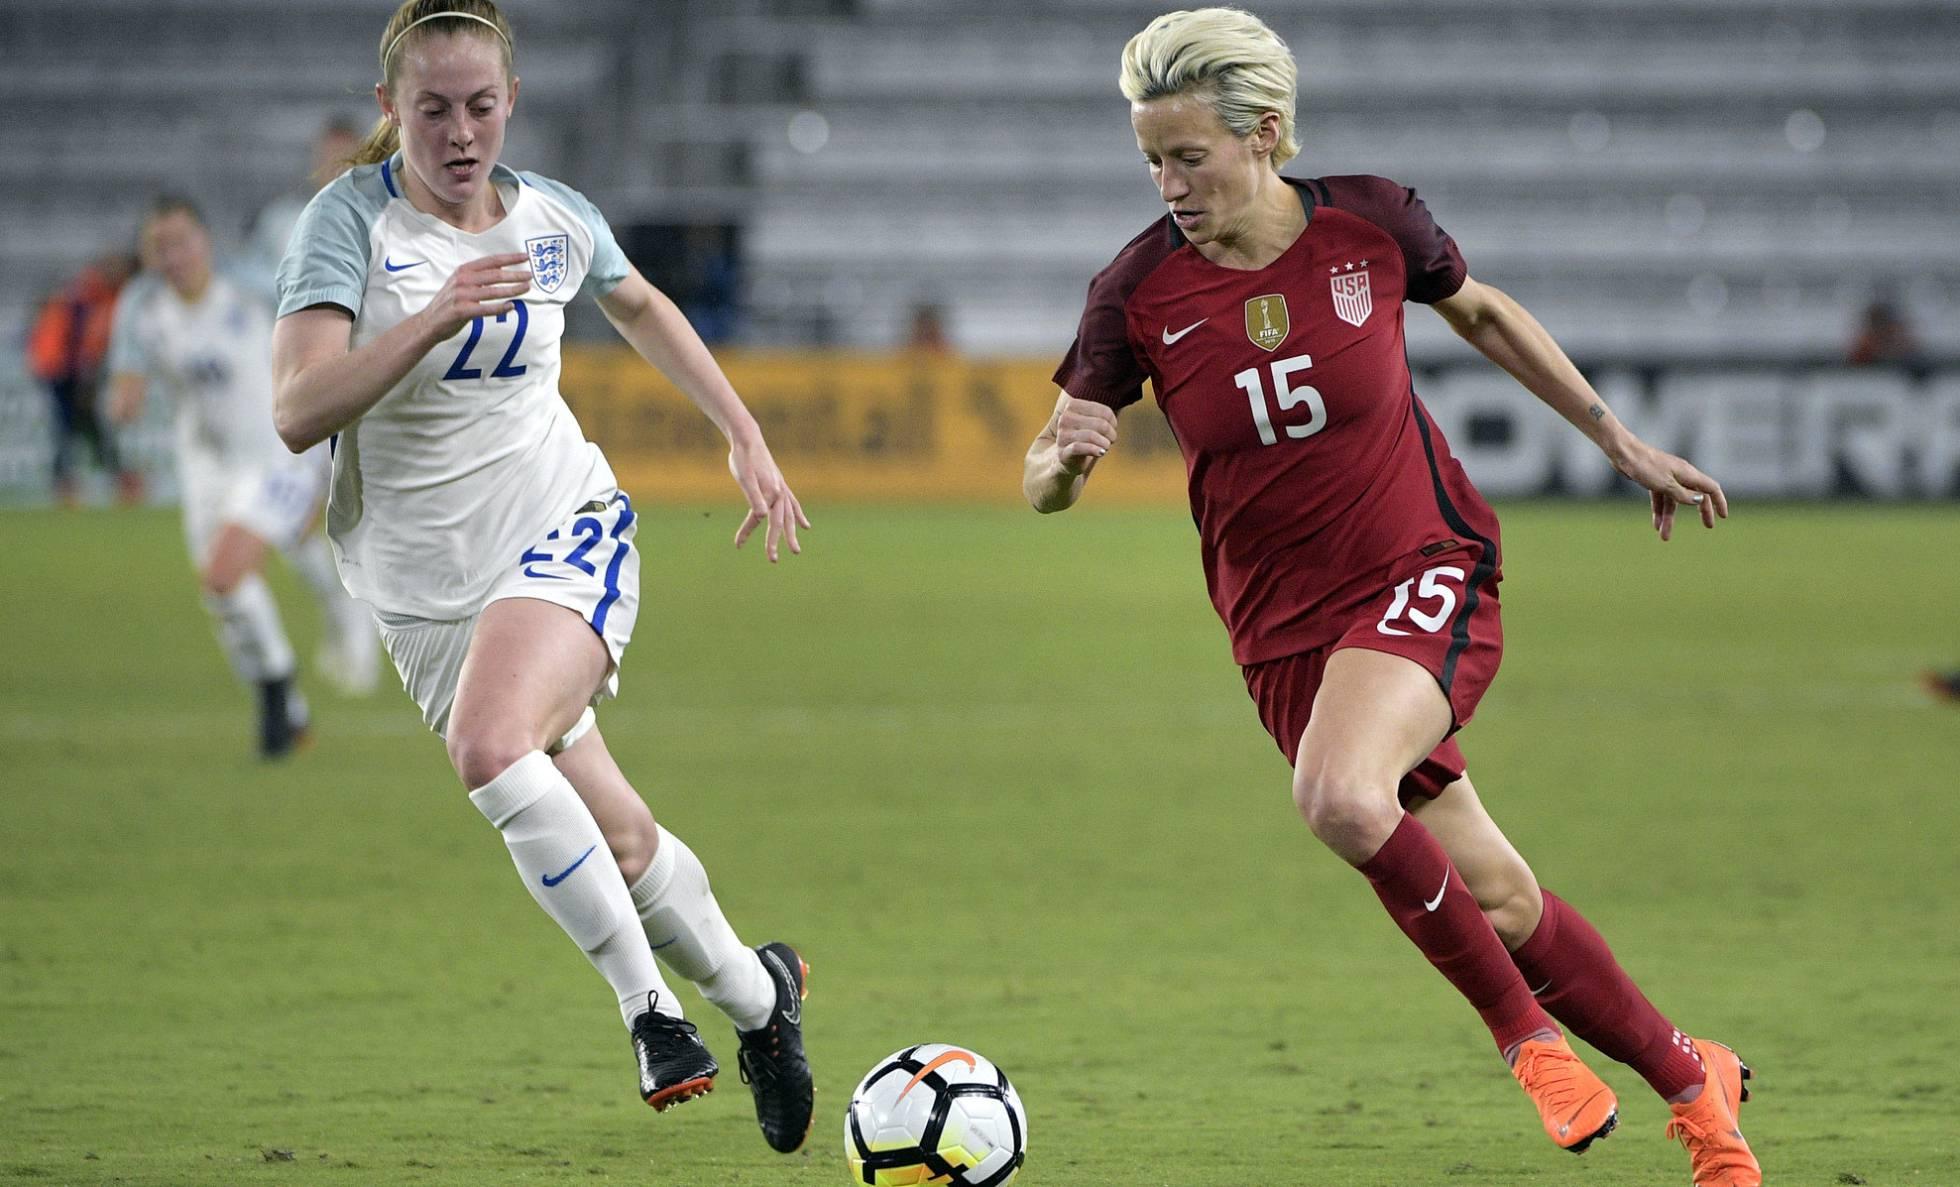 La selección de fútbol femenina de Estados Unidos denuncia a la federación por discriminación